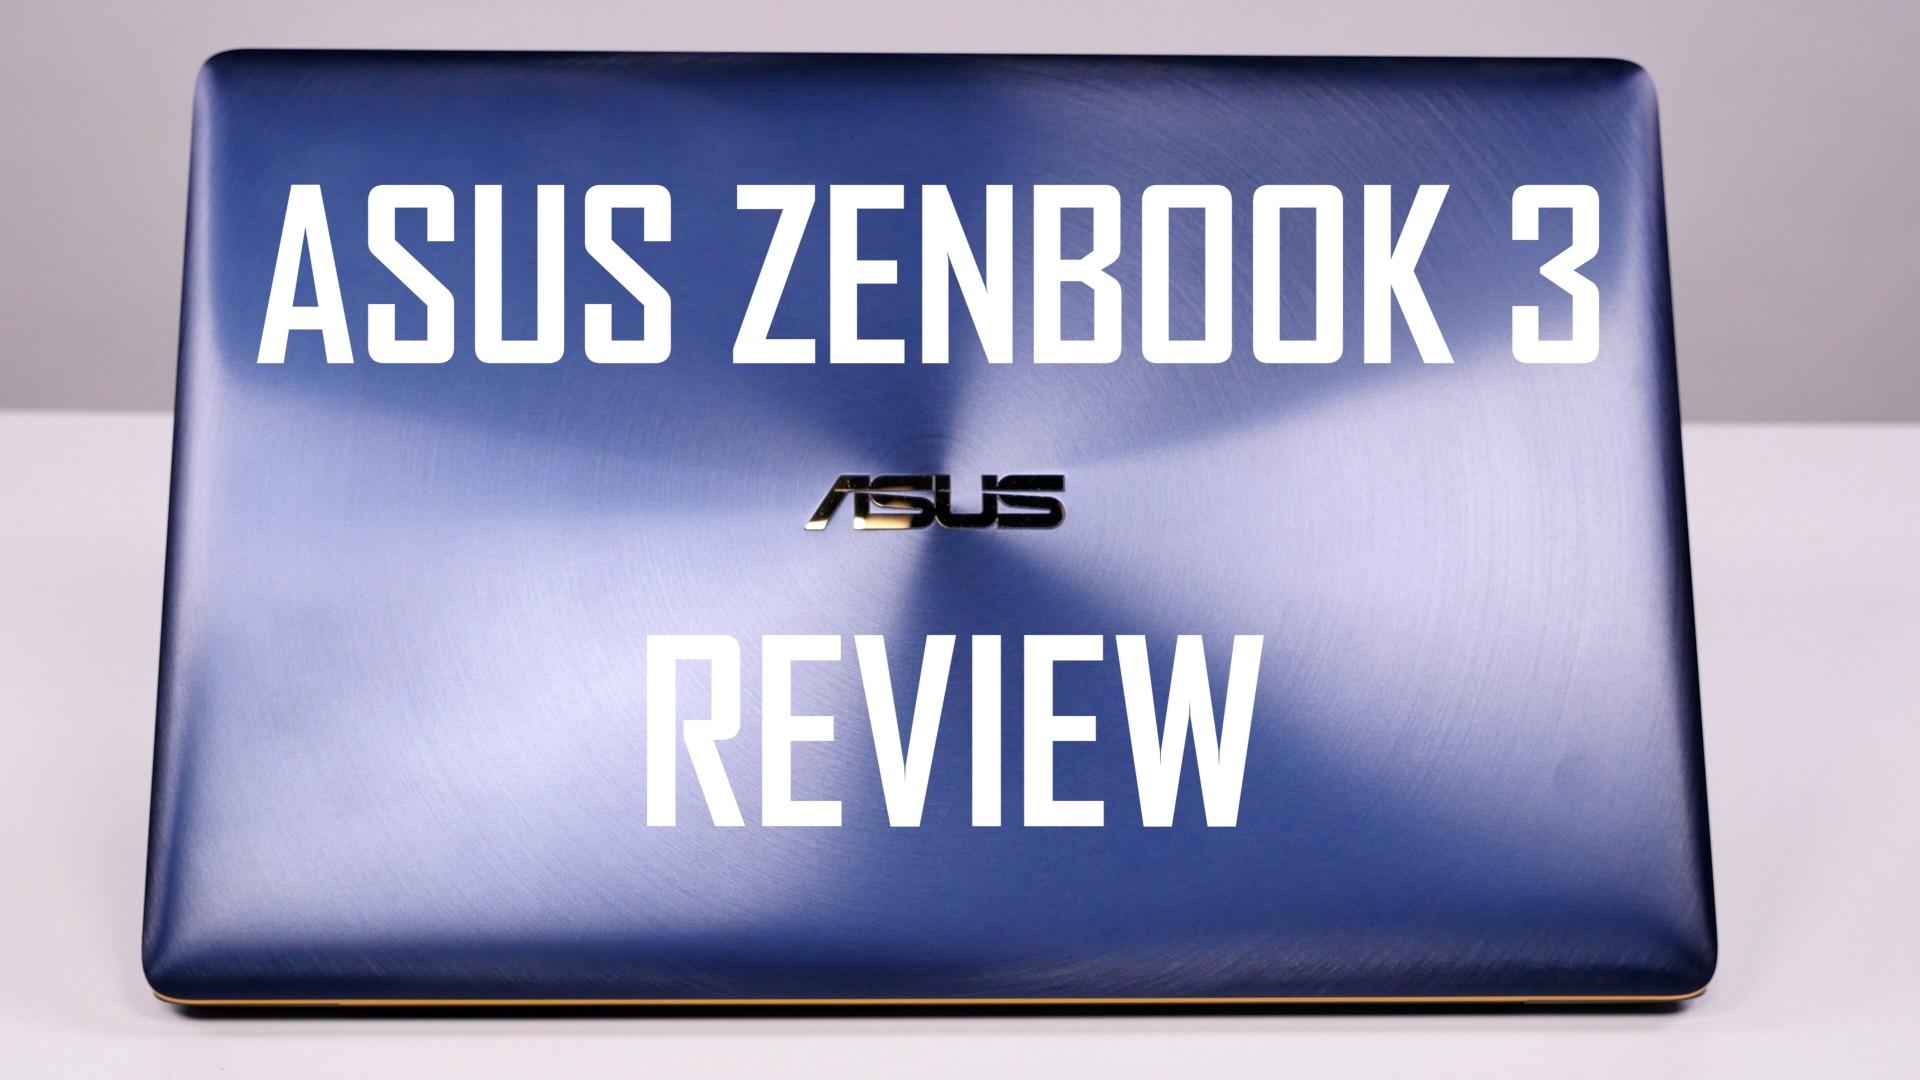 asus_zenbook_3_review_pret_video_buhnici